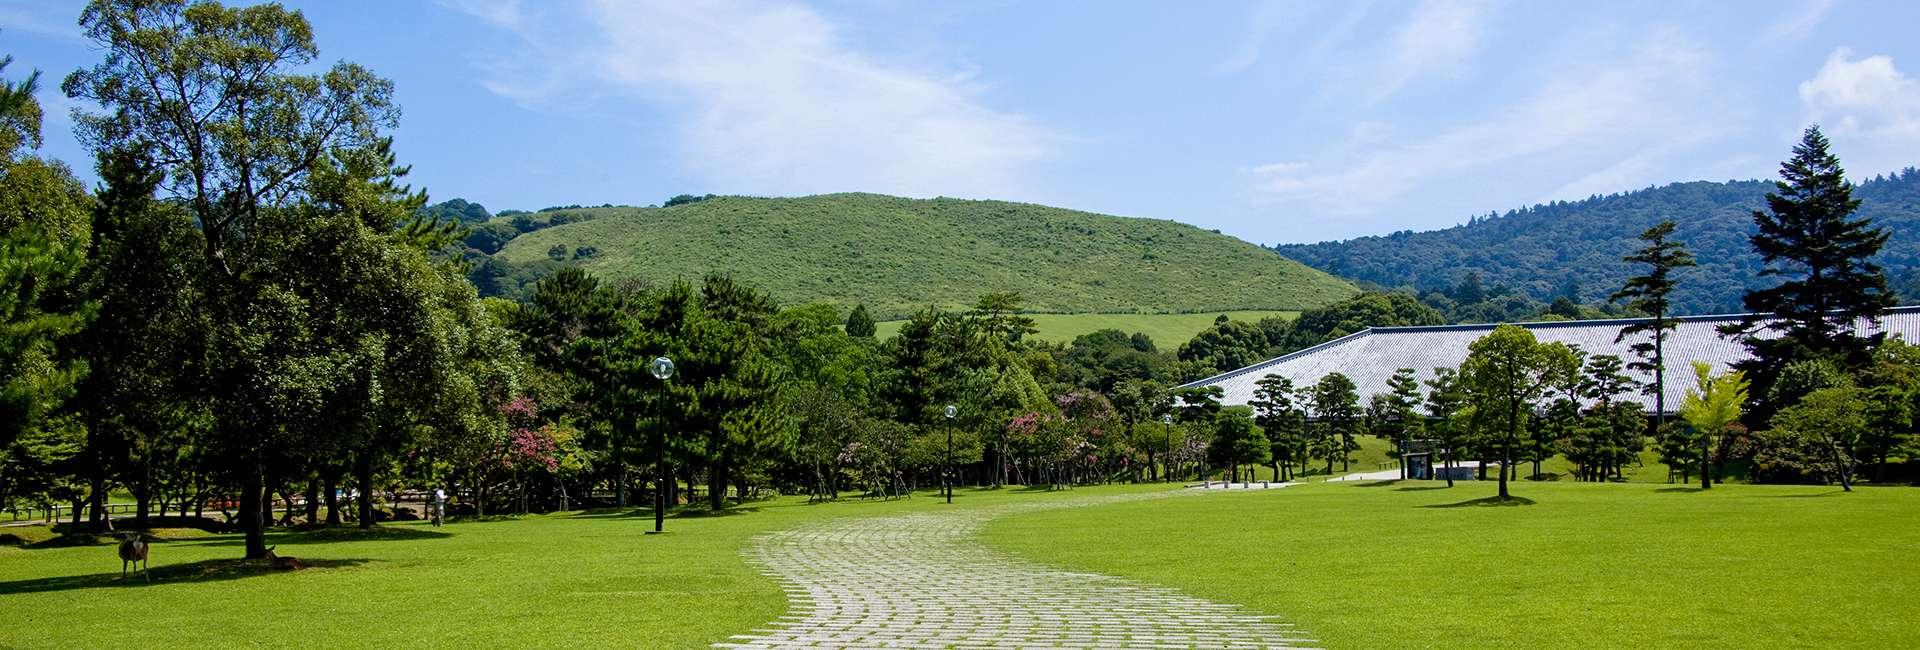 vue sur le parc de Nara